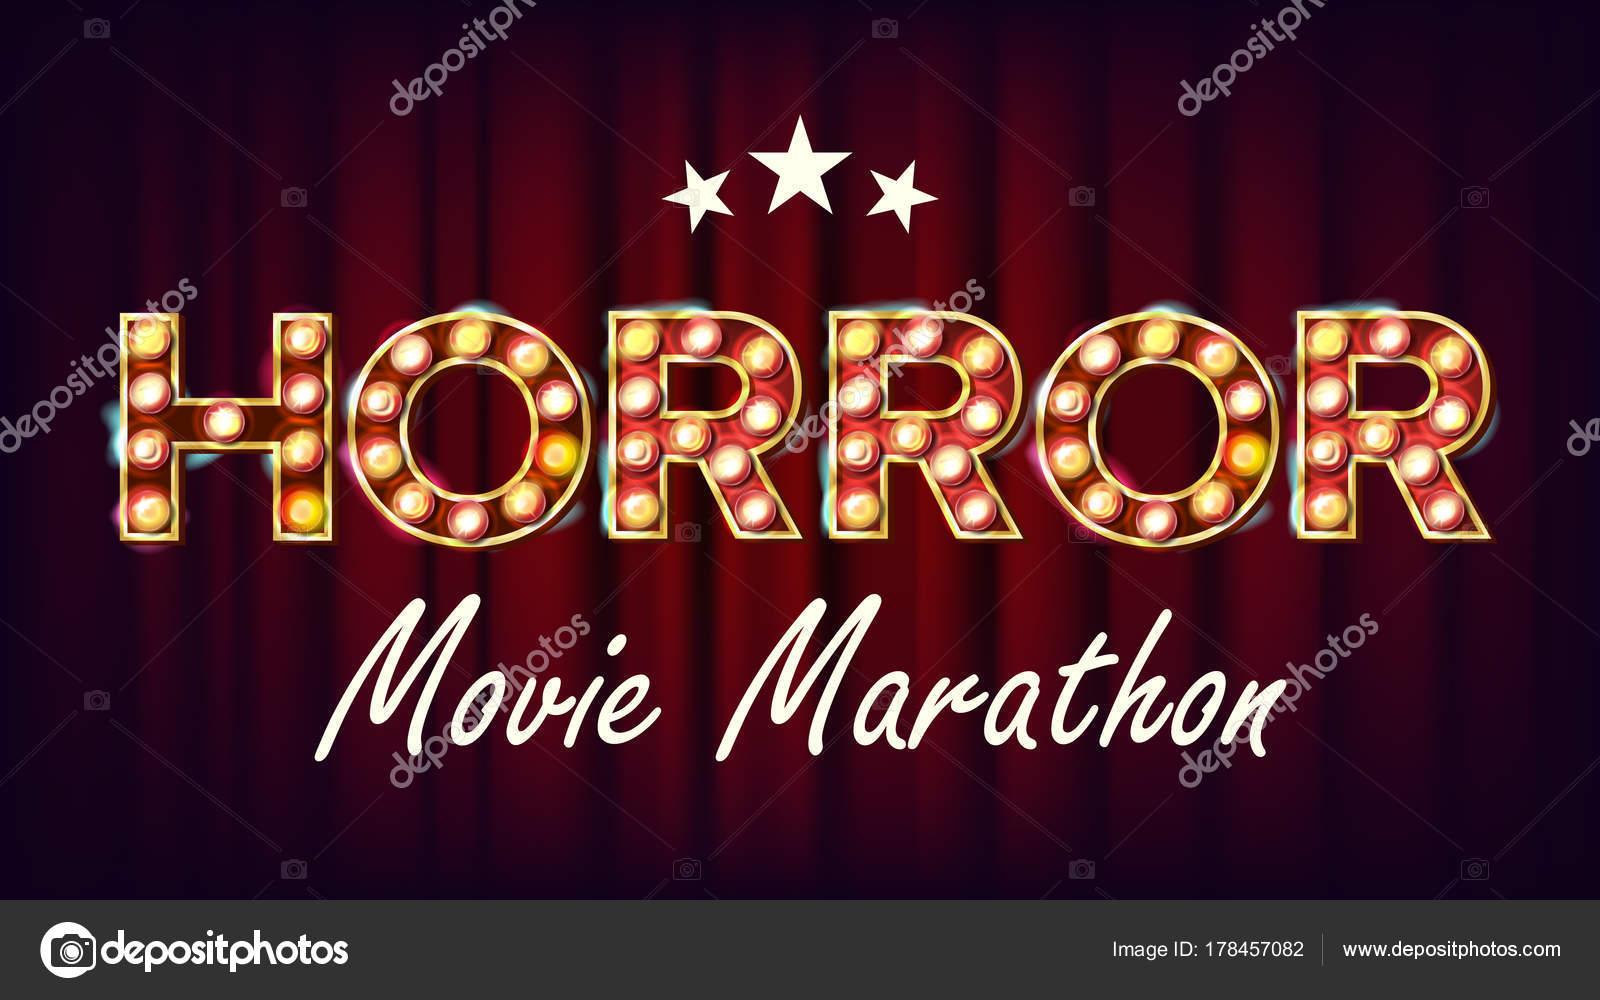 Horror Movie Marathon Hintergrund Vektor. Kino-Vintage-Stil ...